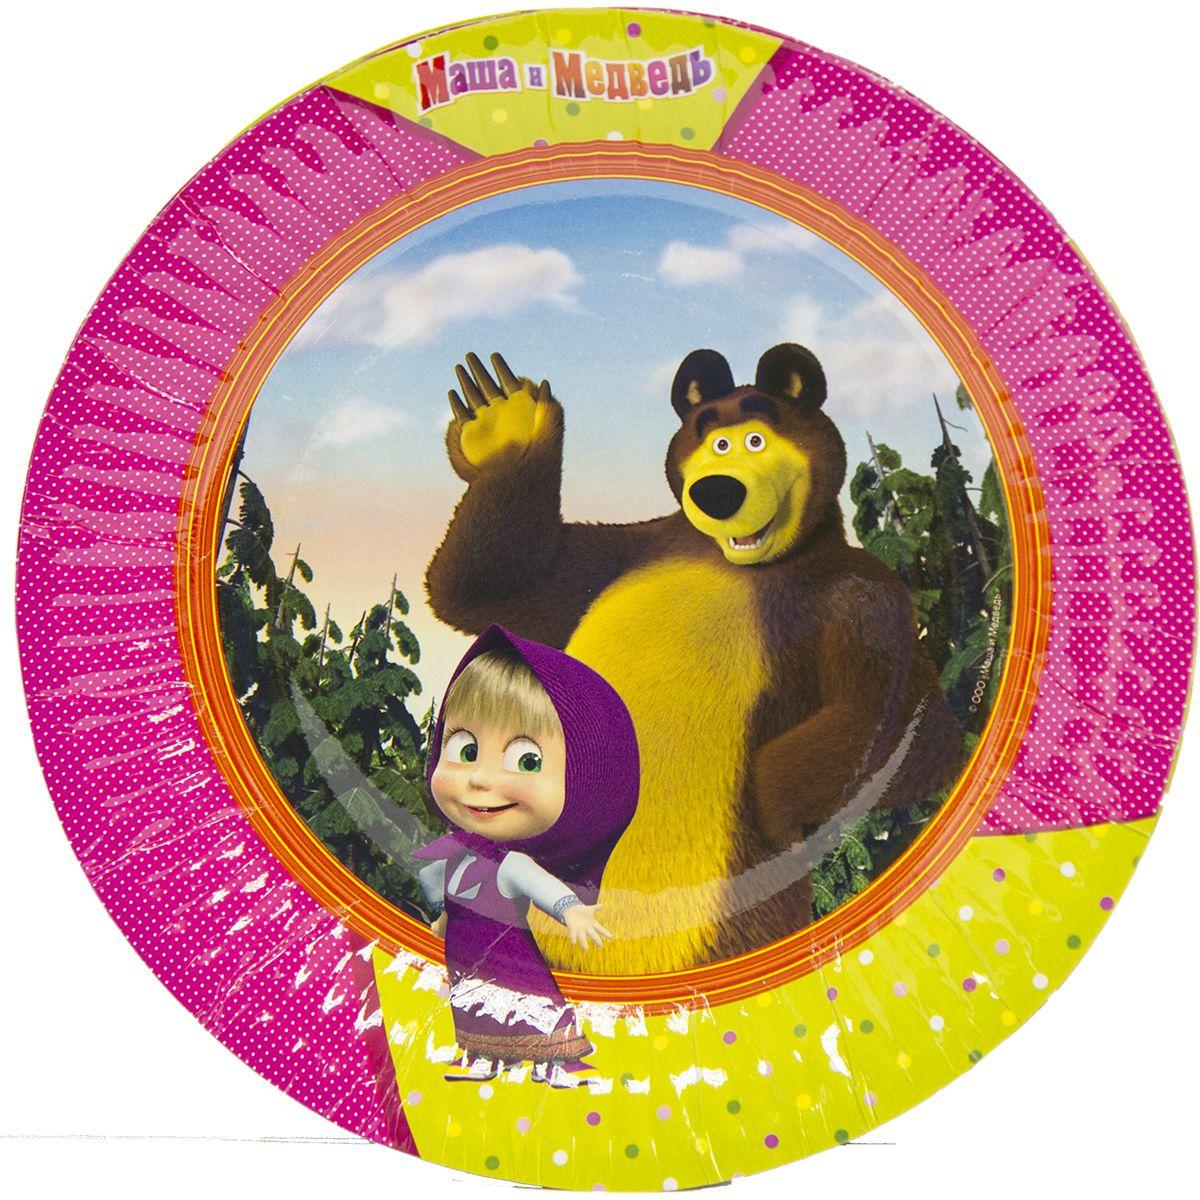 купить набор посуды Маша и Медведь